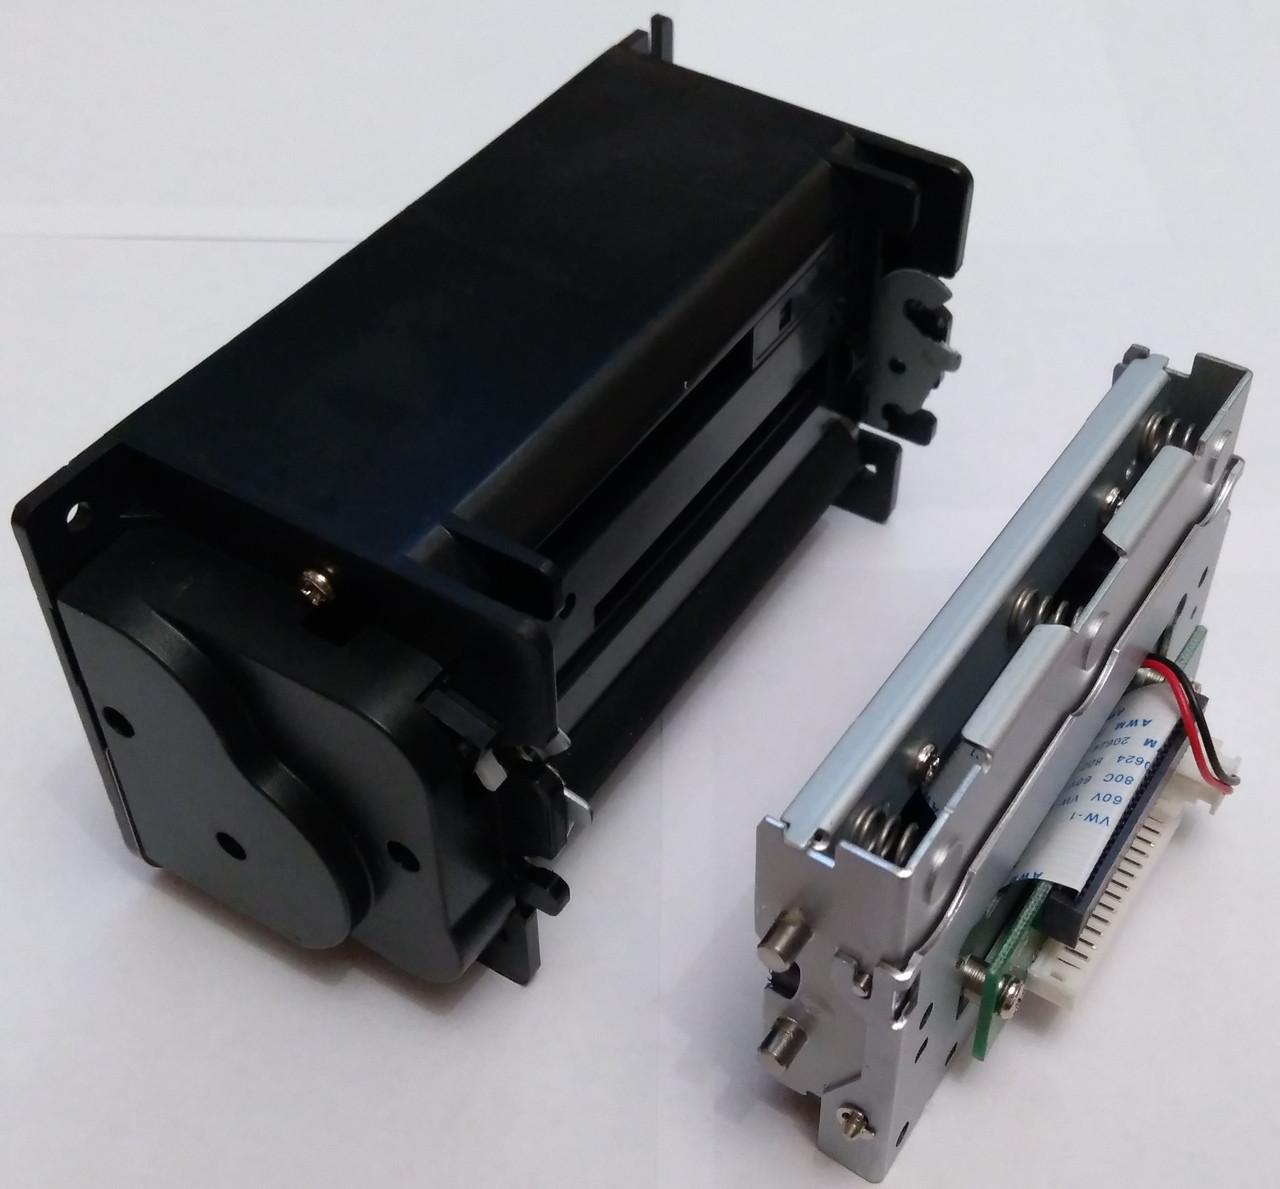 КОМПЛЕКТ Печатающая головка + Механизм протяжки ленты для принтера этикеток Xprinter XP-330B